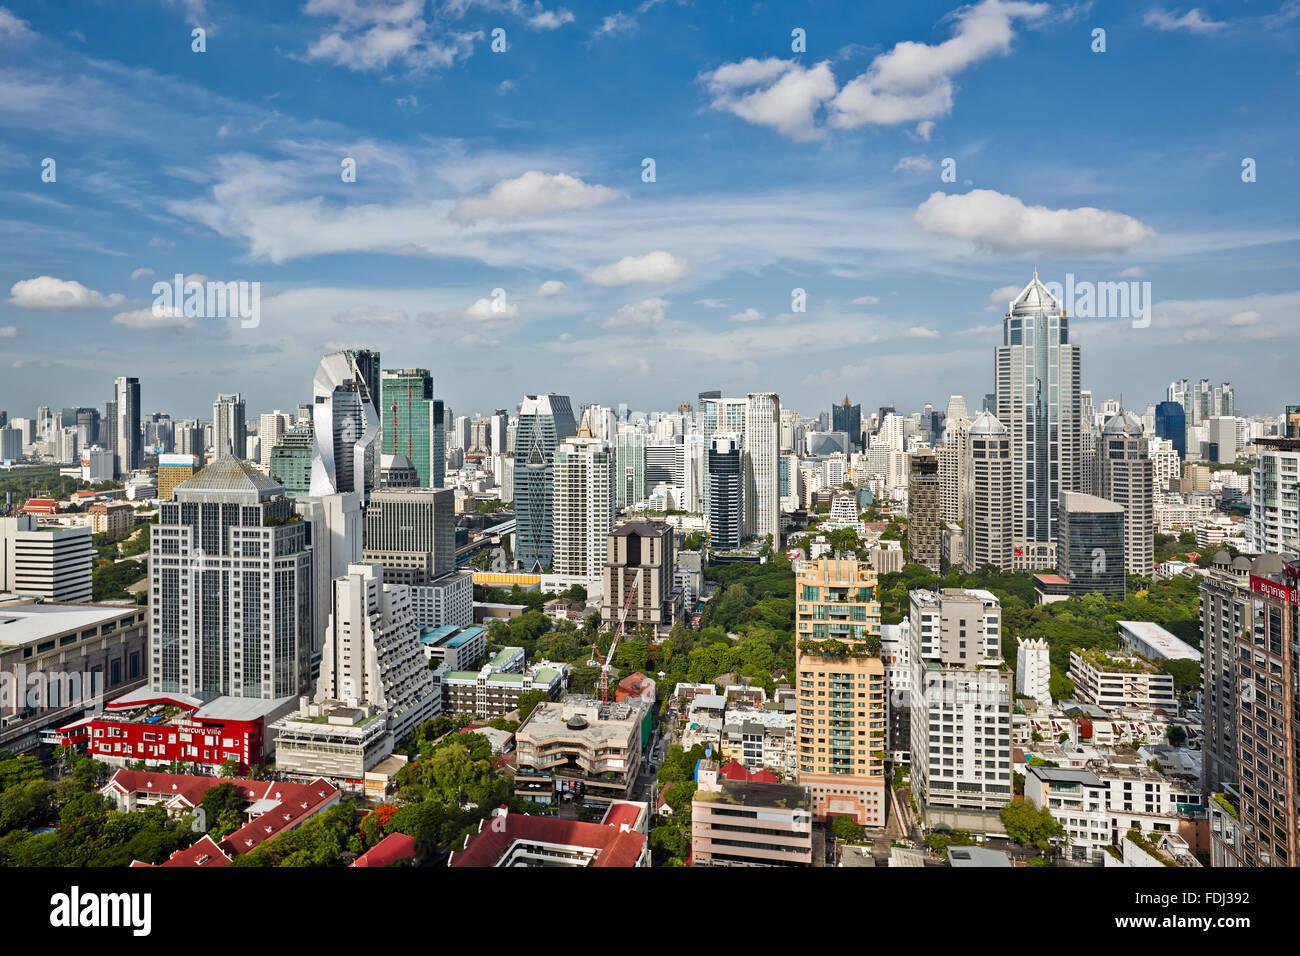 Niveles elevados de la vista de los modernos edificios de gran altura en la parte central de Bangkok, Tailandia. Imagen De Stock